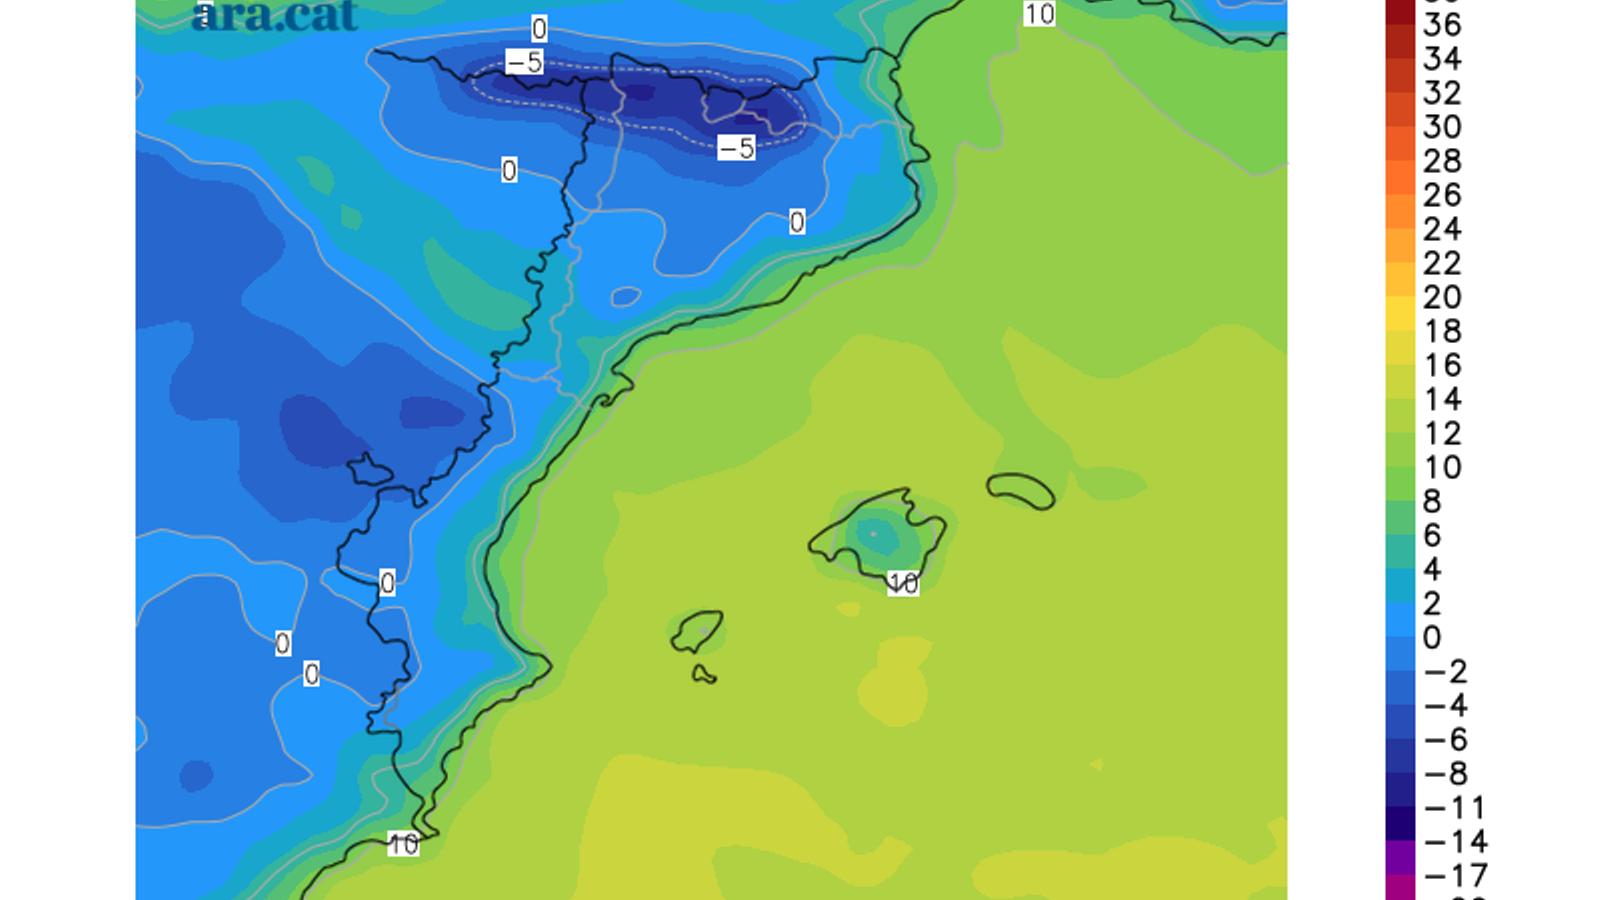 Temperatura mínima prevista per aquest dijous